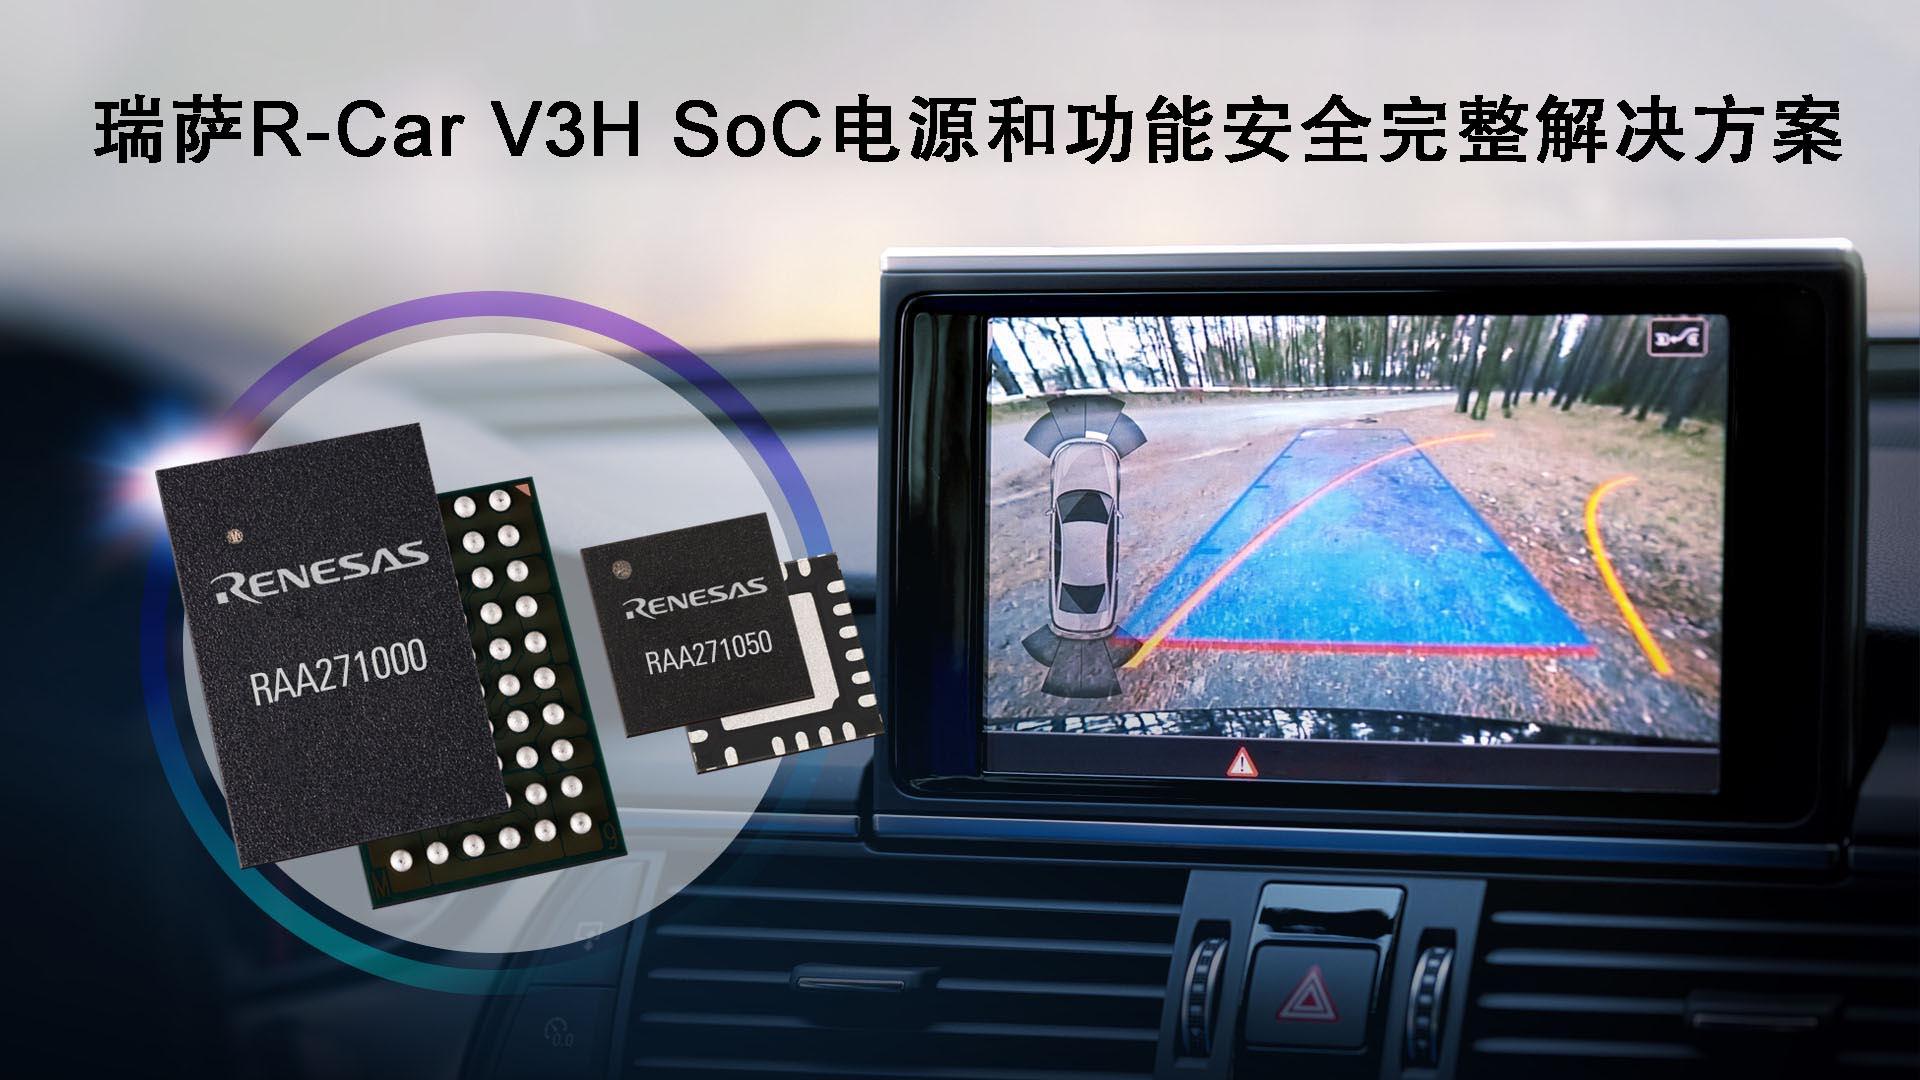 瑞萨电子推出完整的电源和功能安全解决方案适用于R-Car V3H ADAS摄像头系统